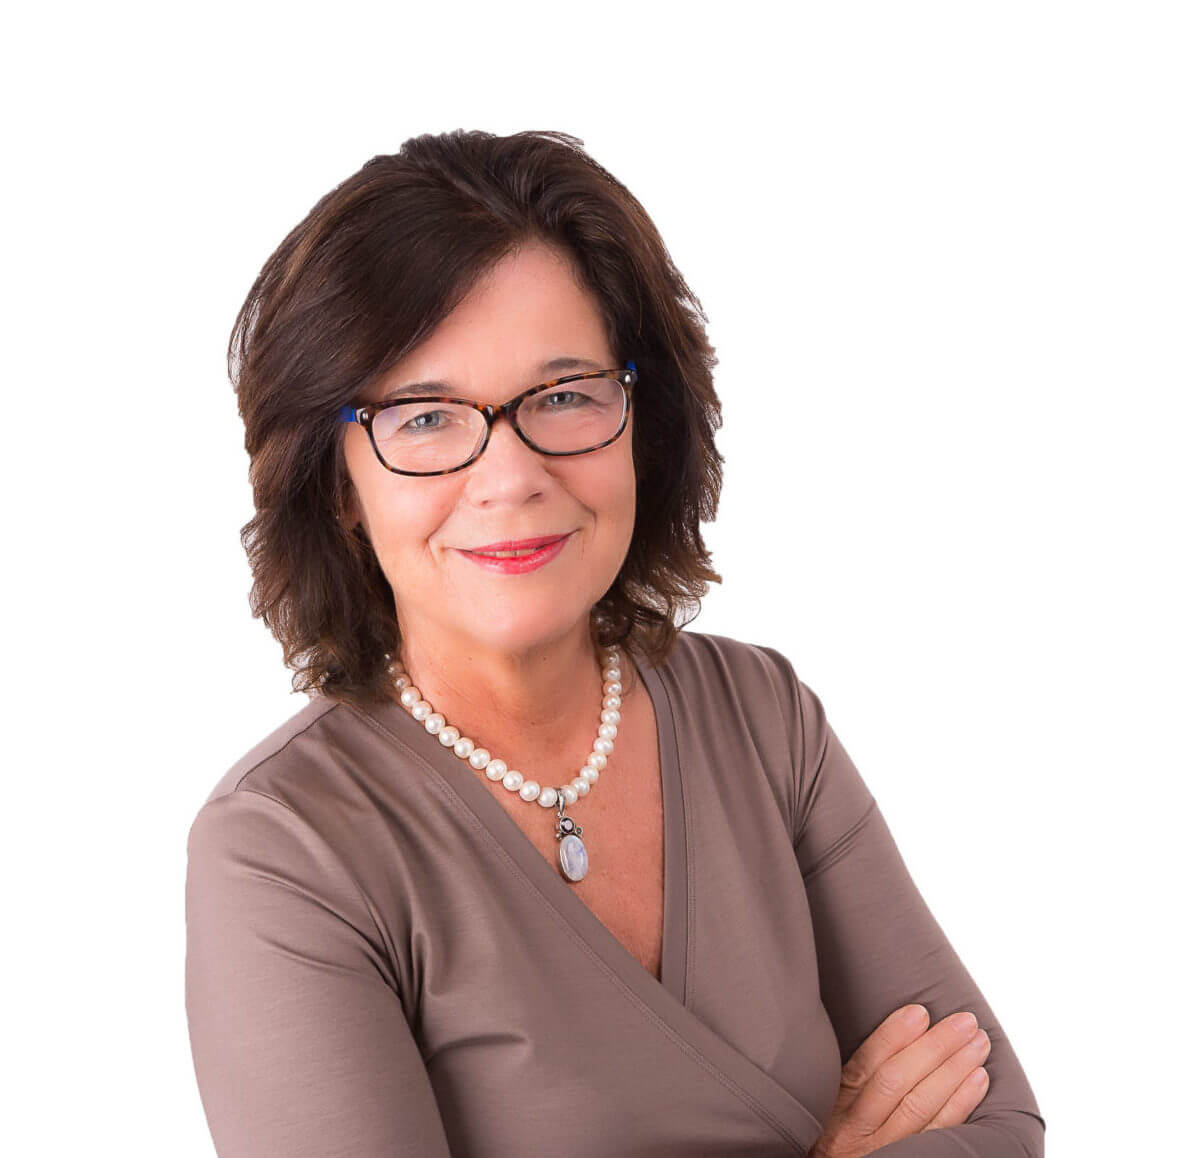 Sabine Dorn-Sommerbrodt